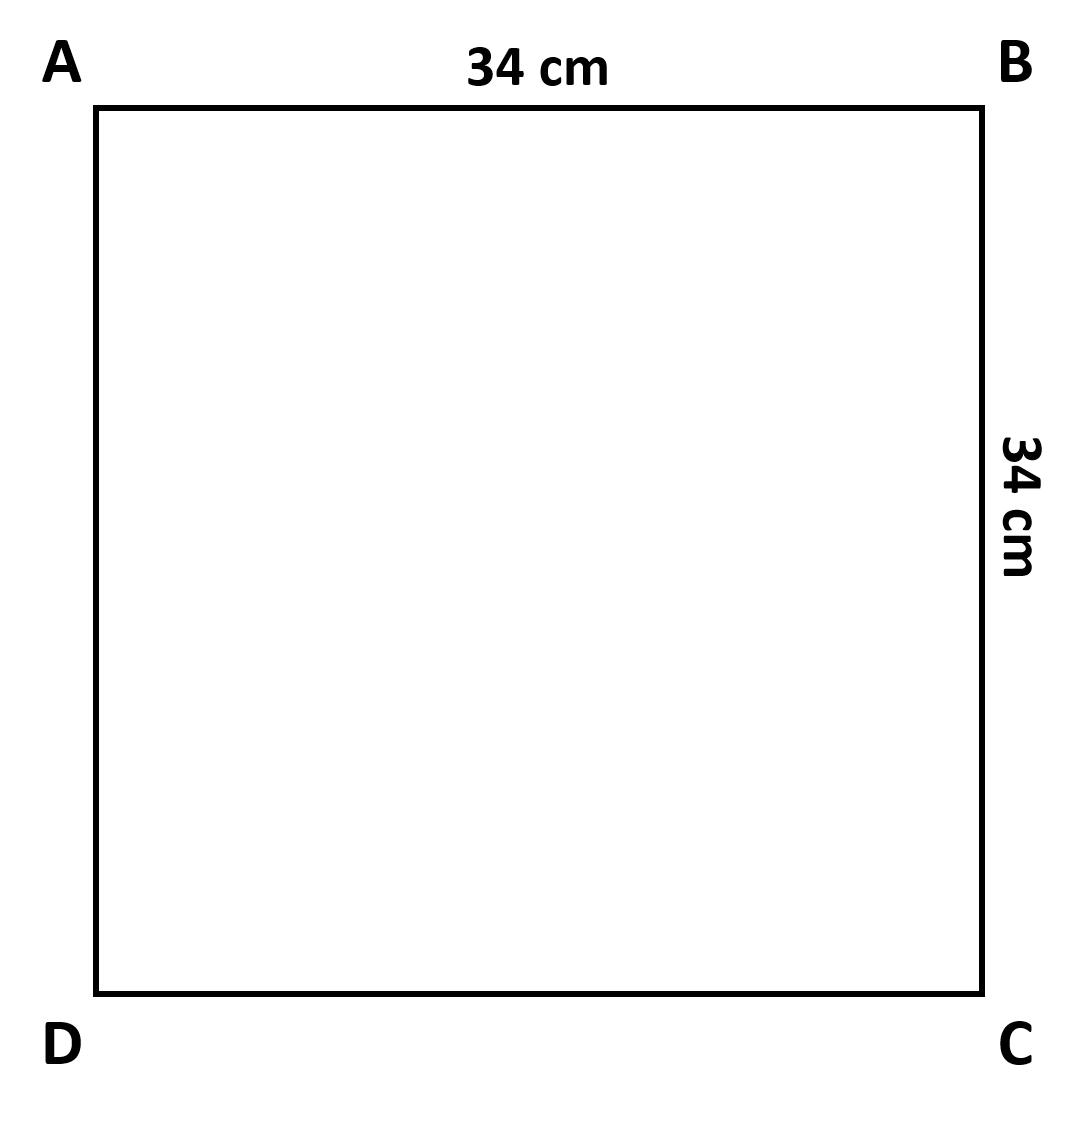 Gambar Segiempat 34x34